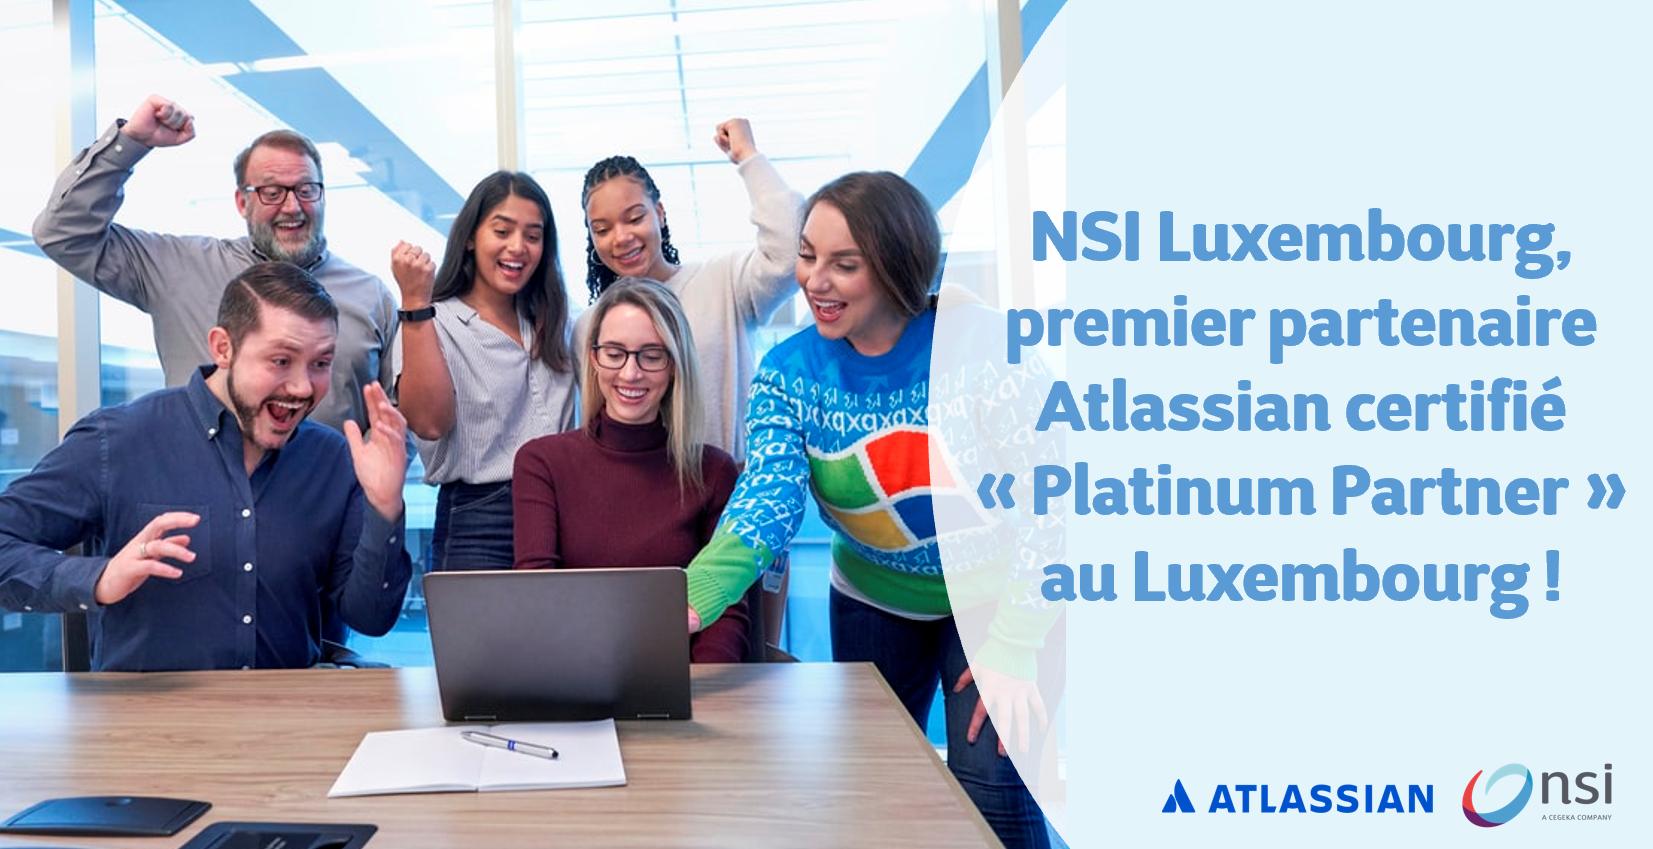 NSI Luxembourg, premier et seul partenaire Atlassian certifié